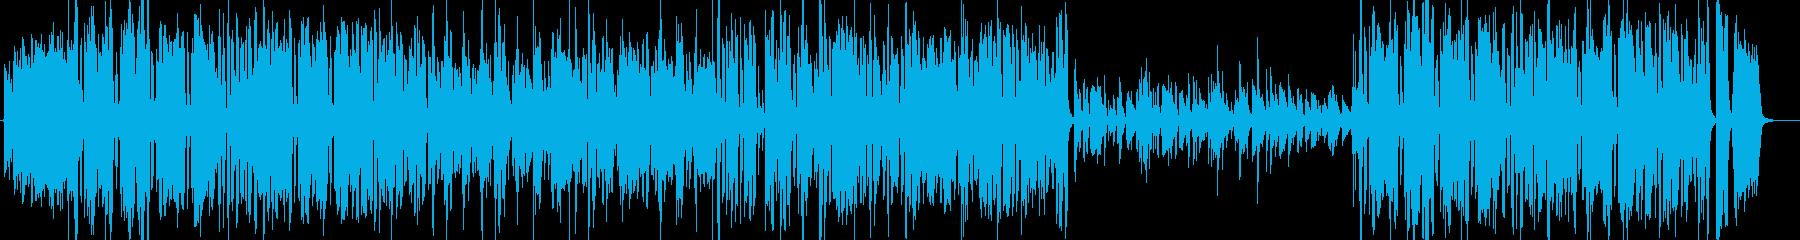 ベートーベン第九 歓喜の歌 ビッグバンドの再生済みの波形